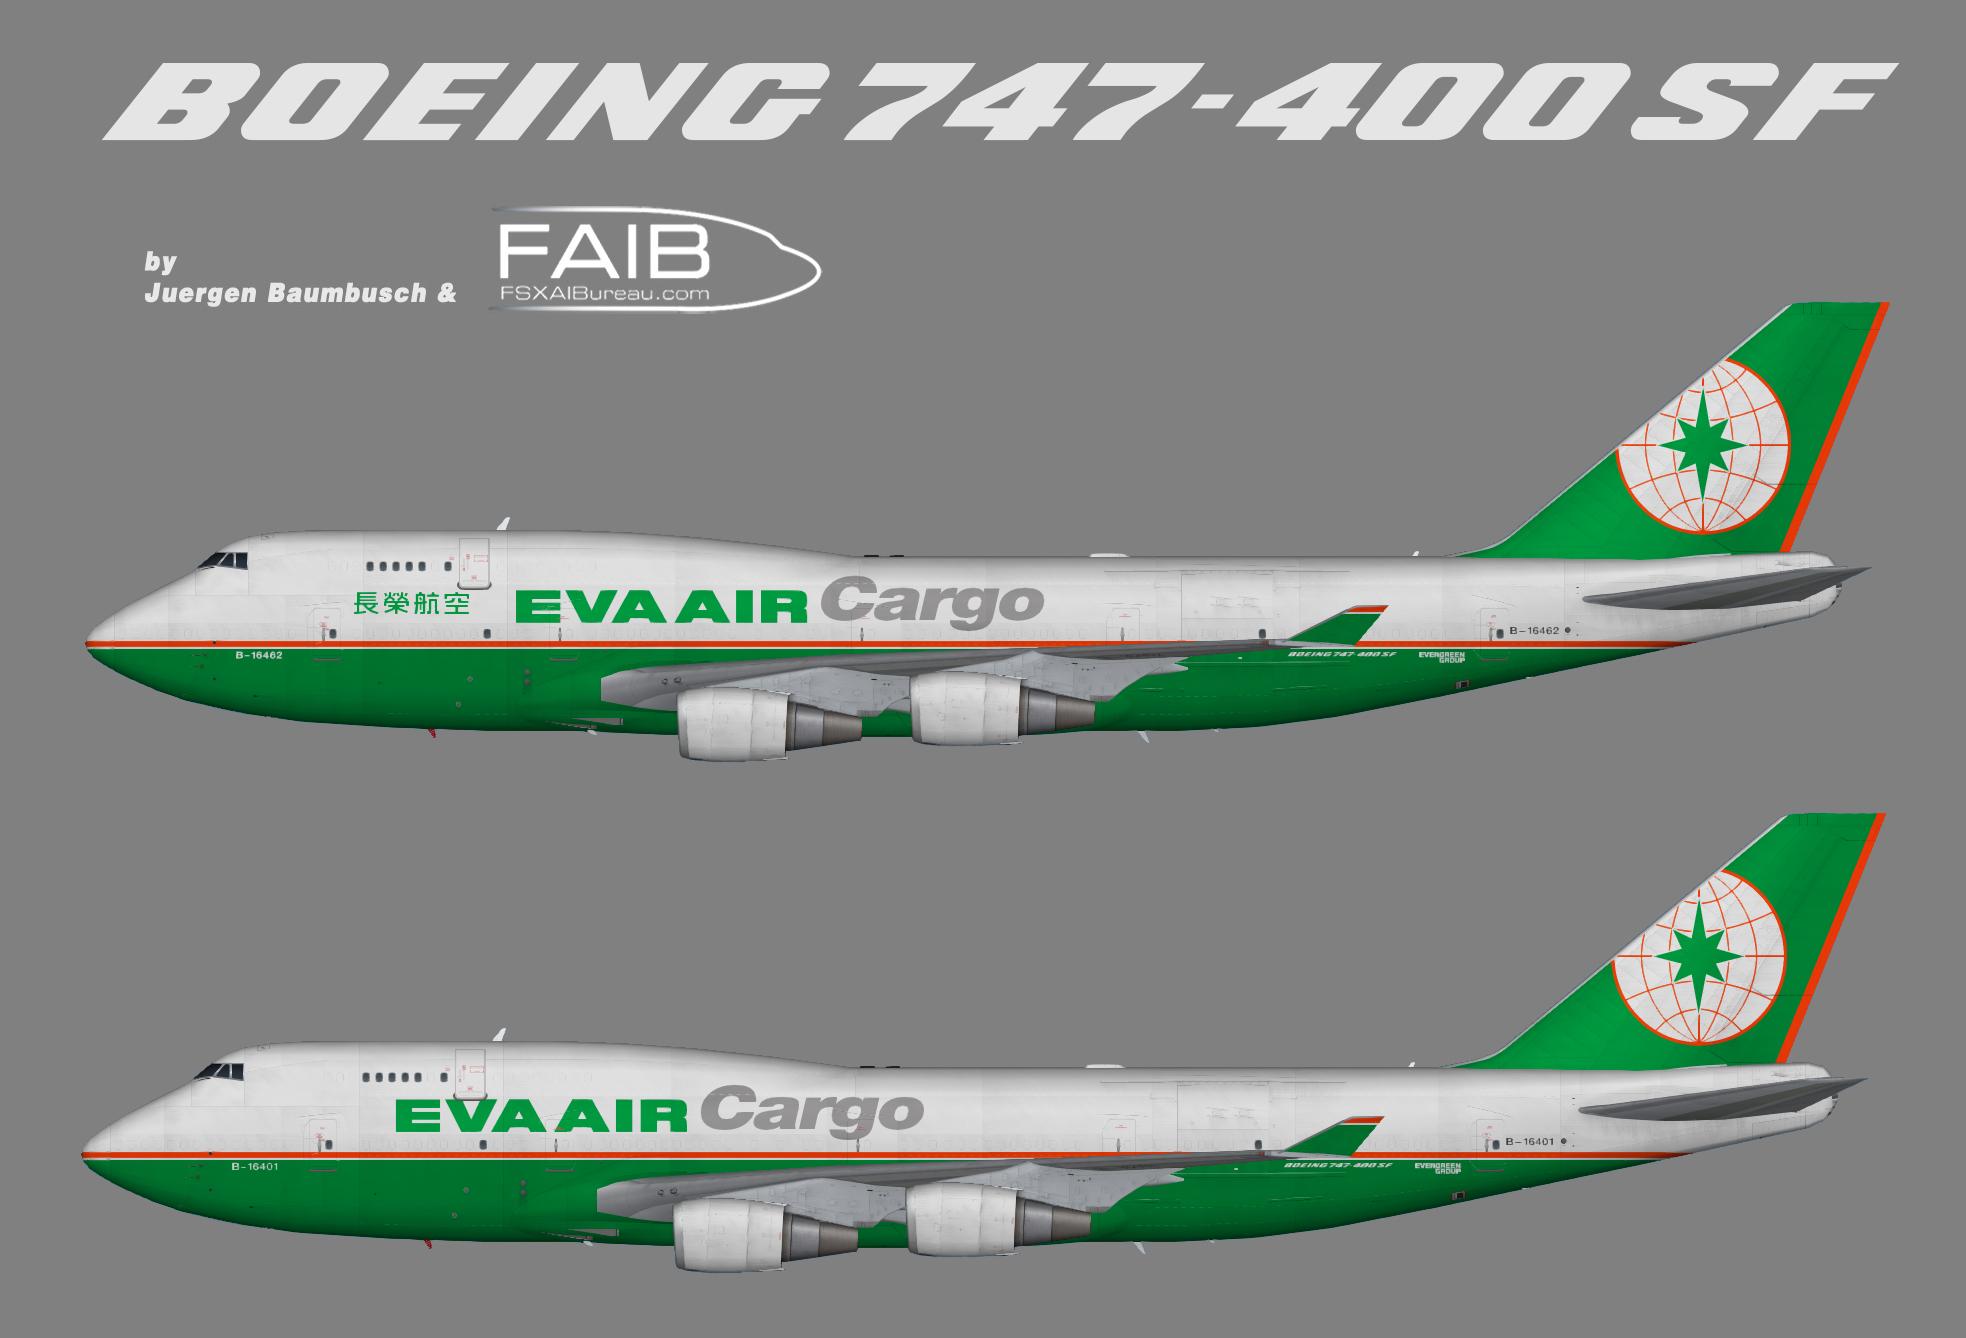 EVA Air Cargo Boeing 747-400(BCF)